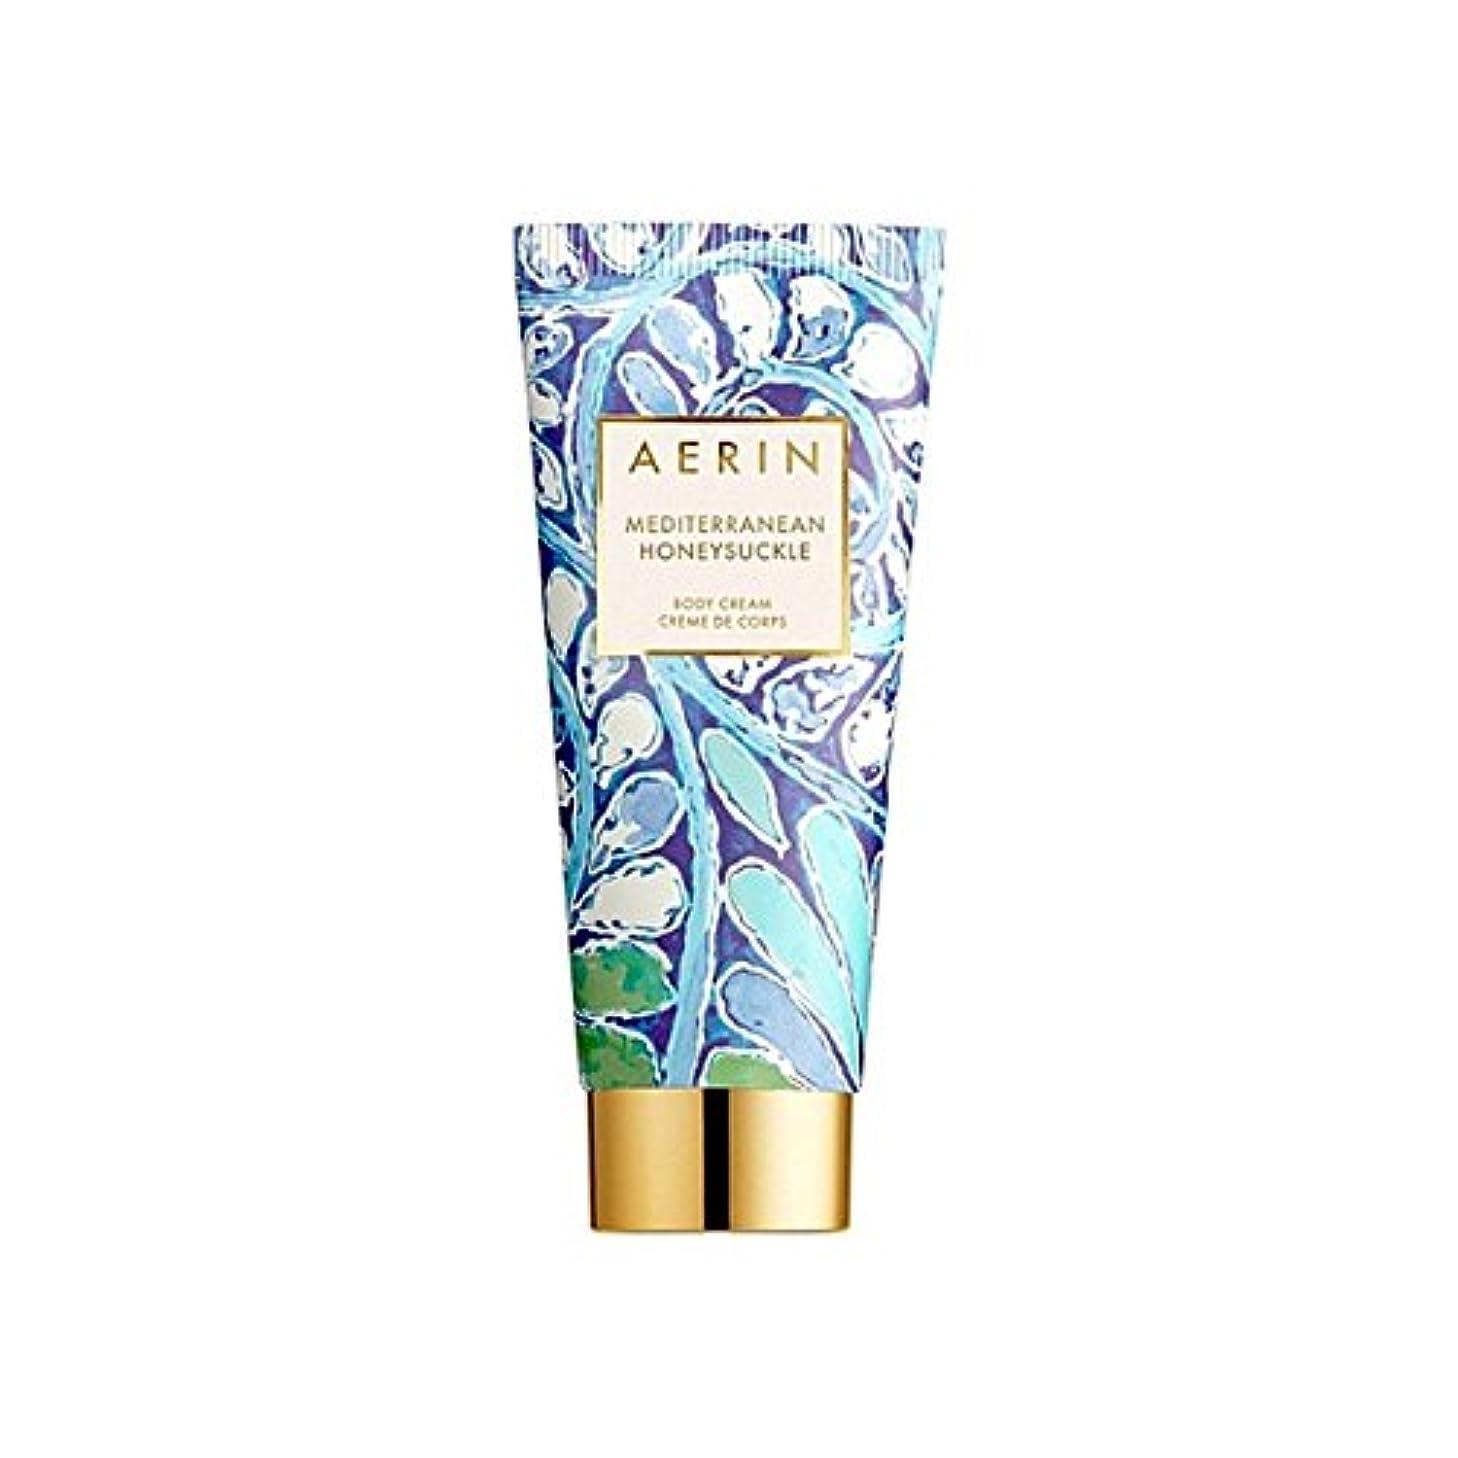 別に狂う松の木Aerin Mediterrenean Honeysuckle Body Cream 150ml (Pack of 6) - スイカズラボディクリーム150ミリリットル x6 [並行輸入品]